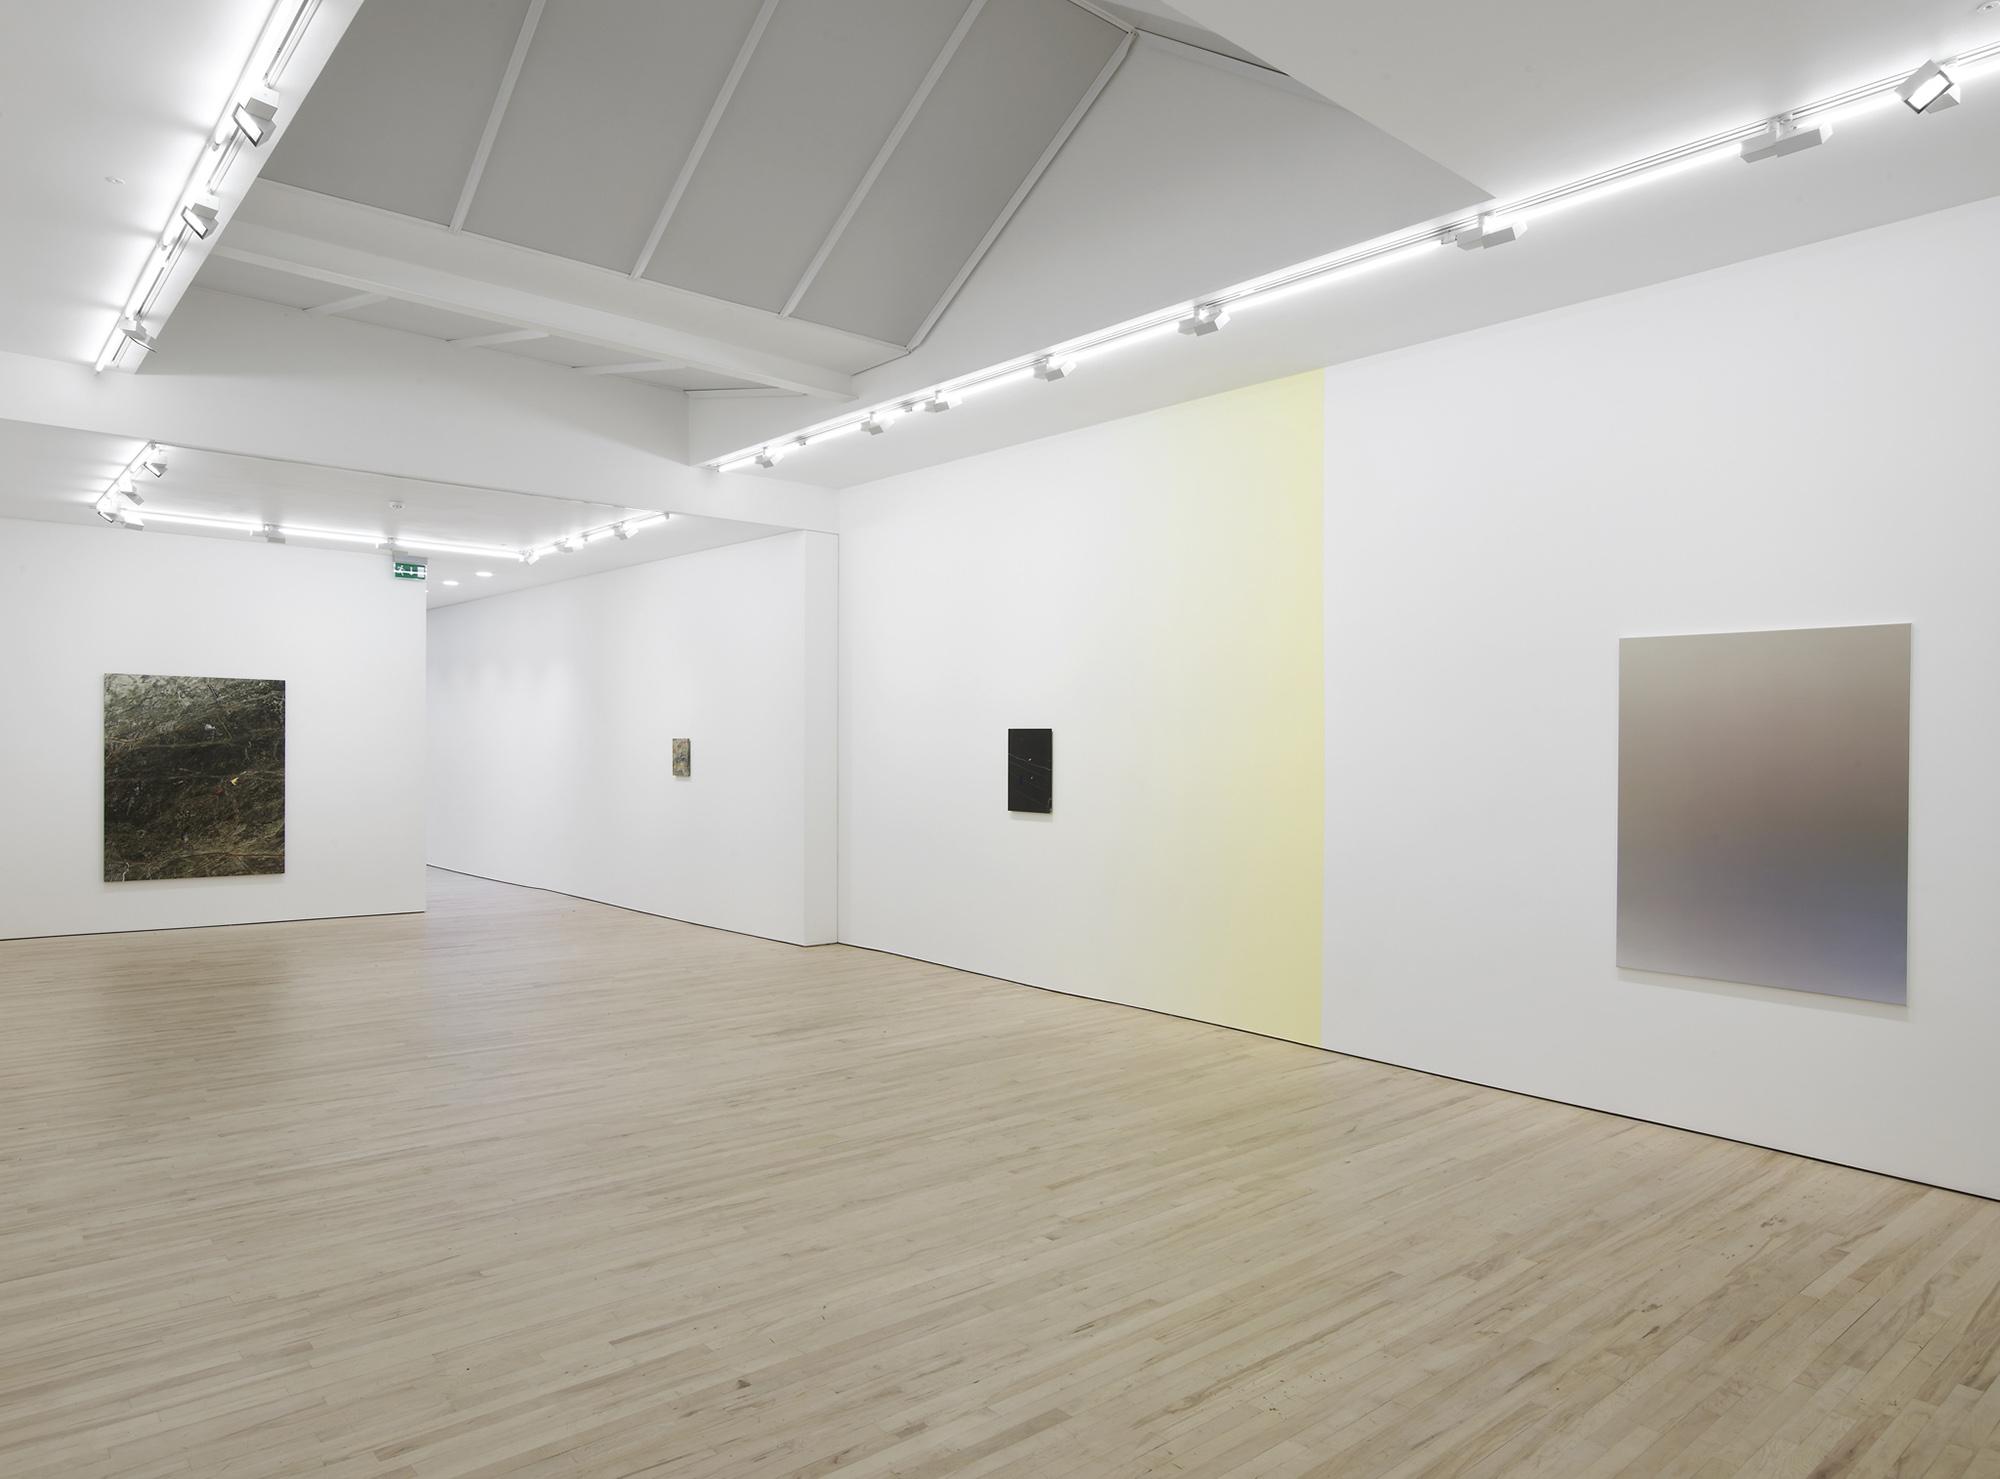 5 - Pieter Vermeersch at Carl Freedman Gallery London